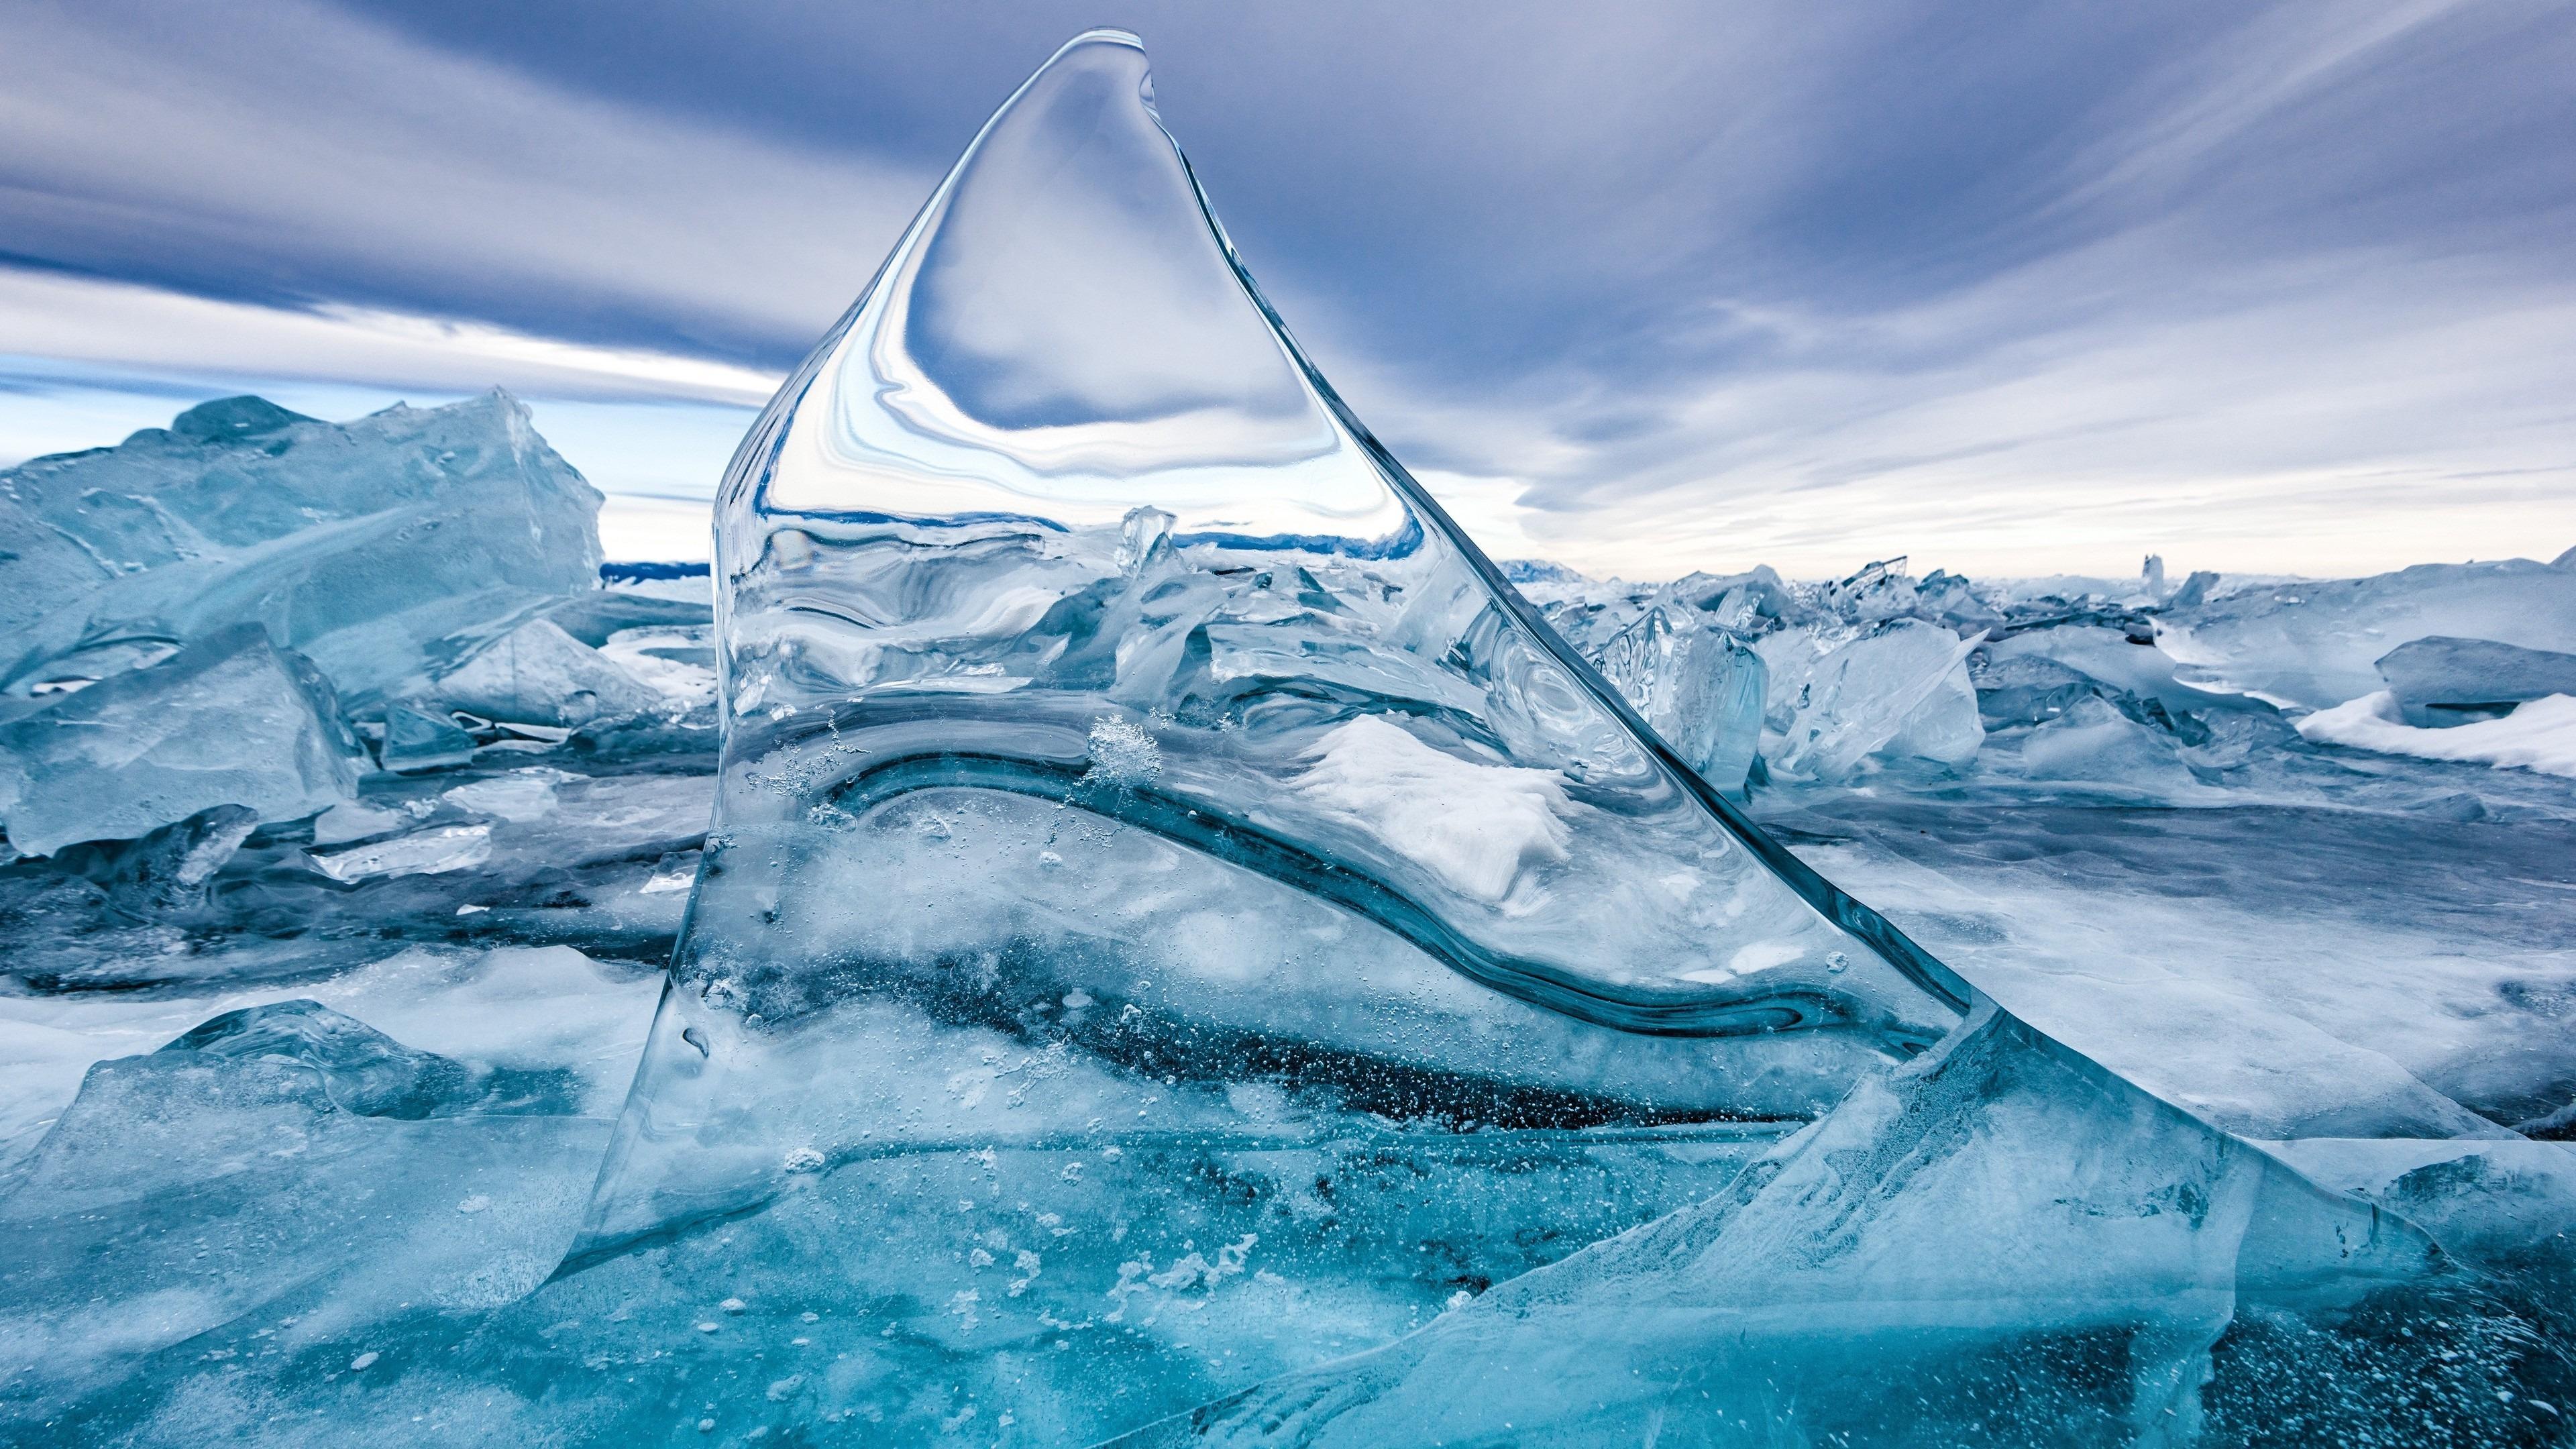 Blue ice floe wallpaper